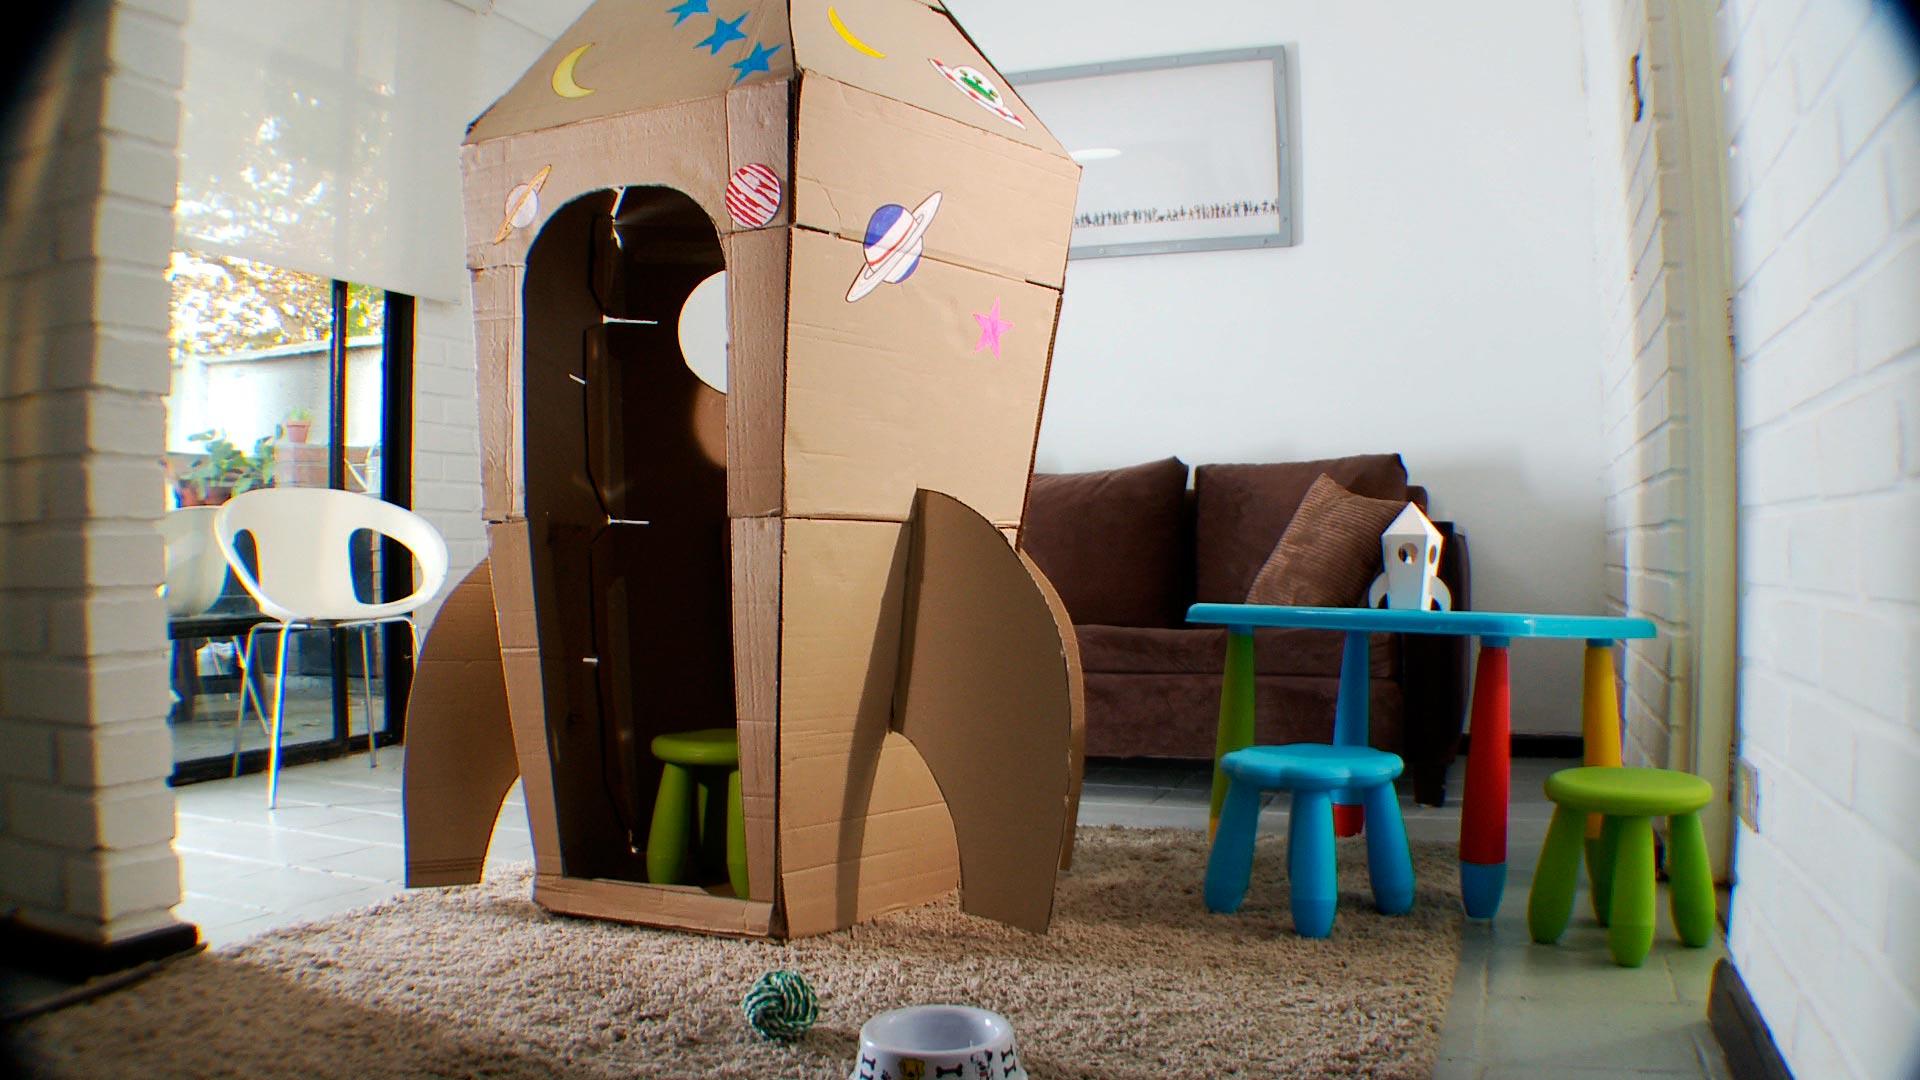 Estar en un cohete o una nave espacial es un sueño de muchos niños, porque es jugar a ser astronautas y estar en el espacio, como lo hacen muchos de sus superhéroes. Por eso en este proyecto queremos enseñar a hacer un cohete de cartón, donde puedan jugar 1 ó 2 niños.